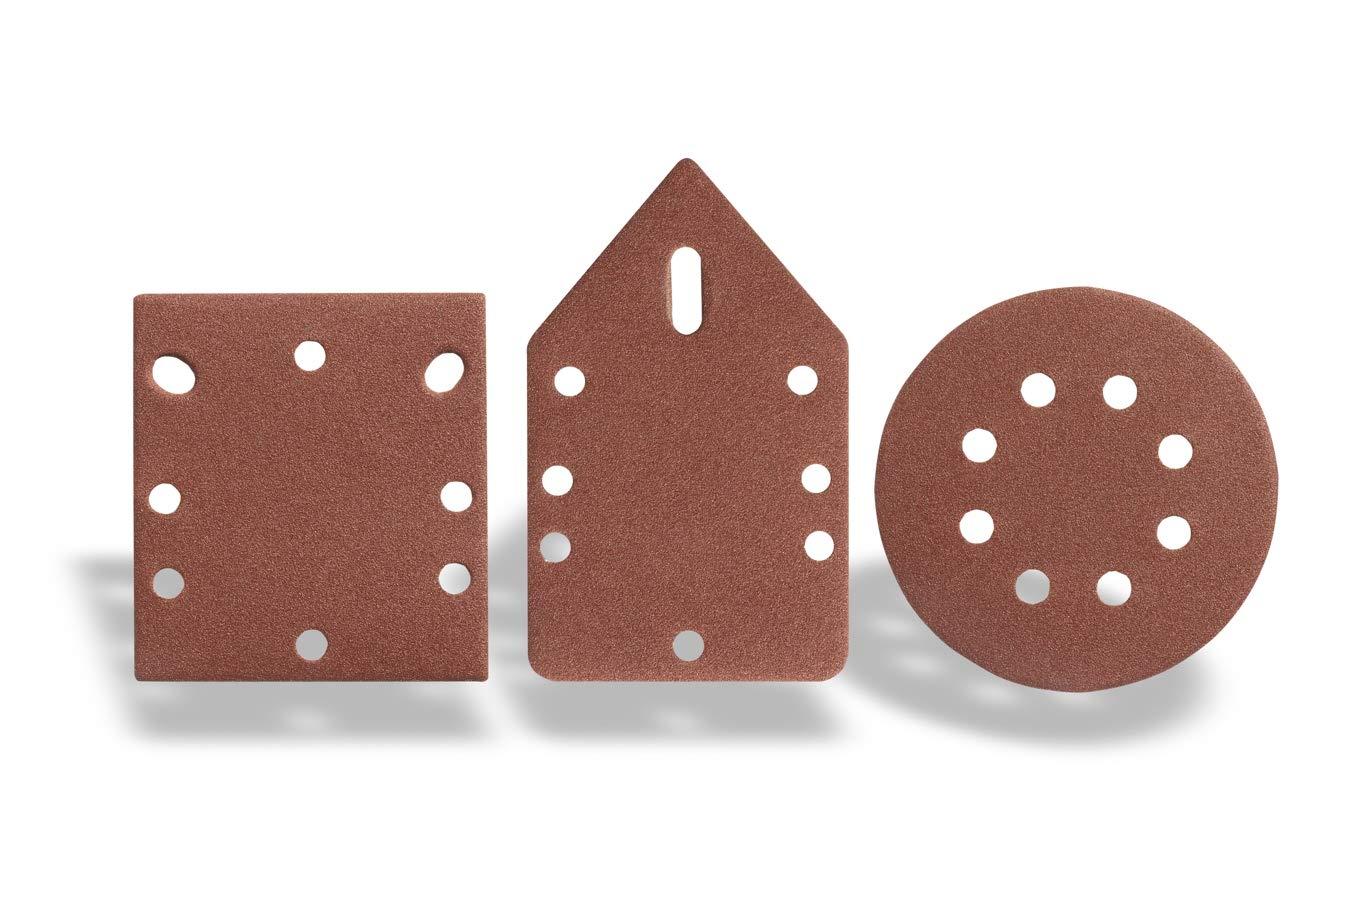 Wechselbare Schleifplatten mit Klettverschluss Dreieickschleifer Staubfangbeh/älter und Satz Schleifbl/ätter Exzenterschleifer und Schwingschleifer WOLFGANG/® 3-in-1 Multischleifer 260 Watt